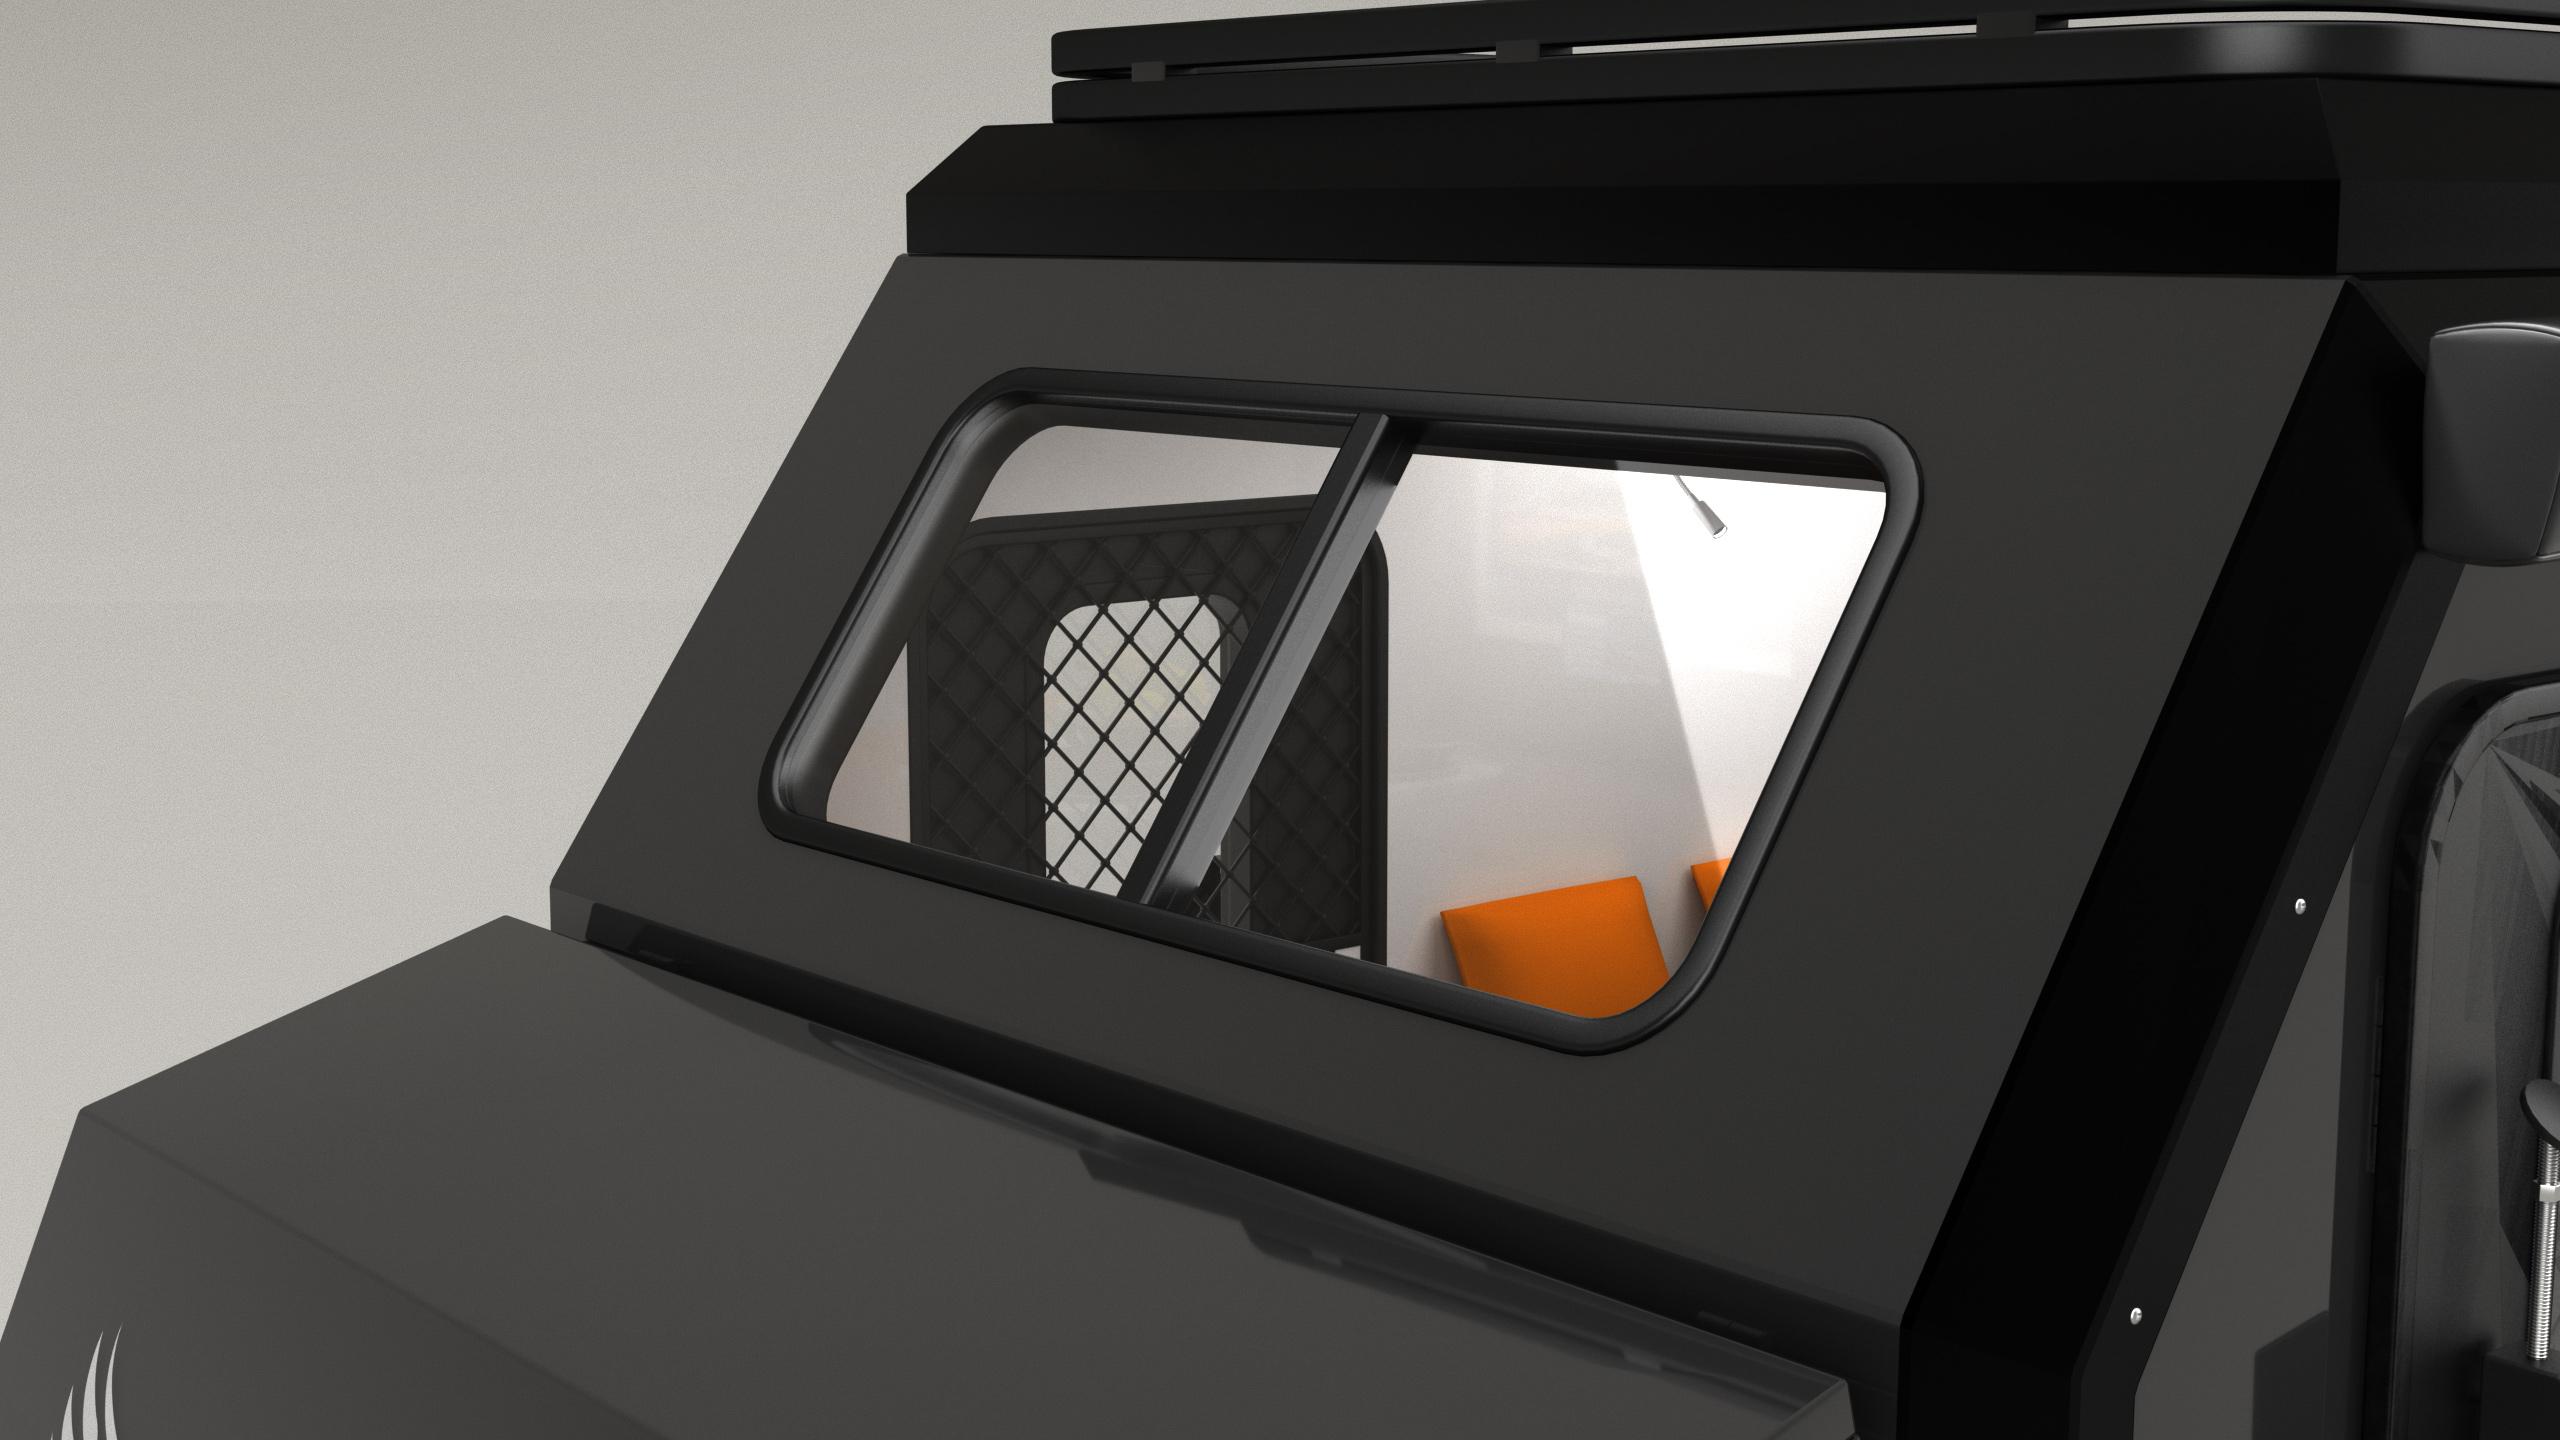 Camera-External-Window-Close-Up